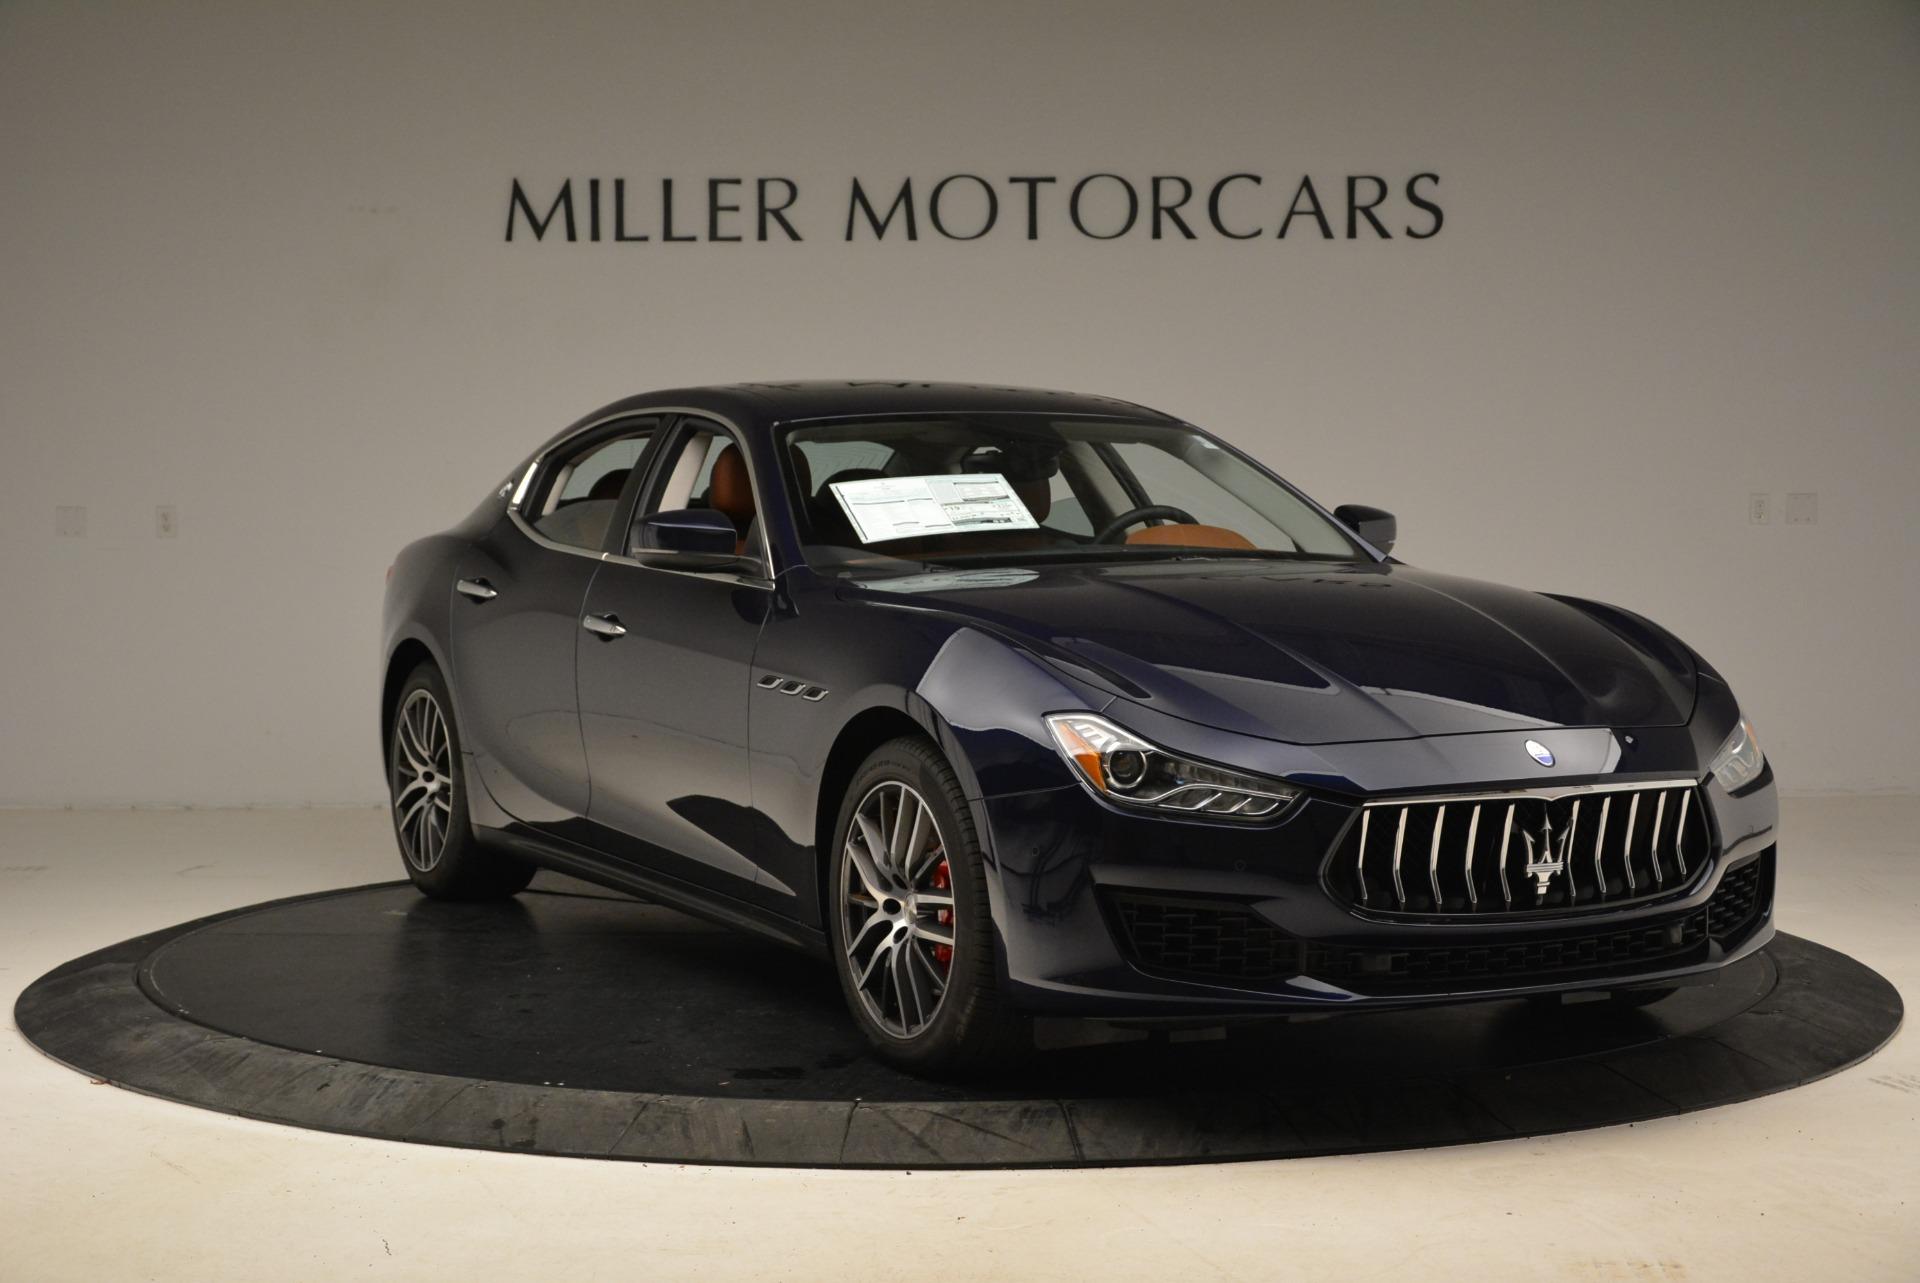 New 2019 Maserati Ghibli S Q4 For Sale In Greenwich, CT 2801_p11